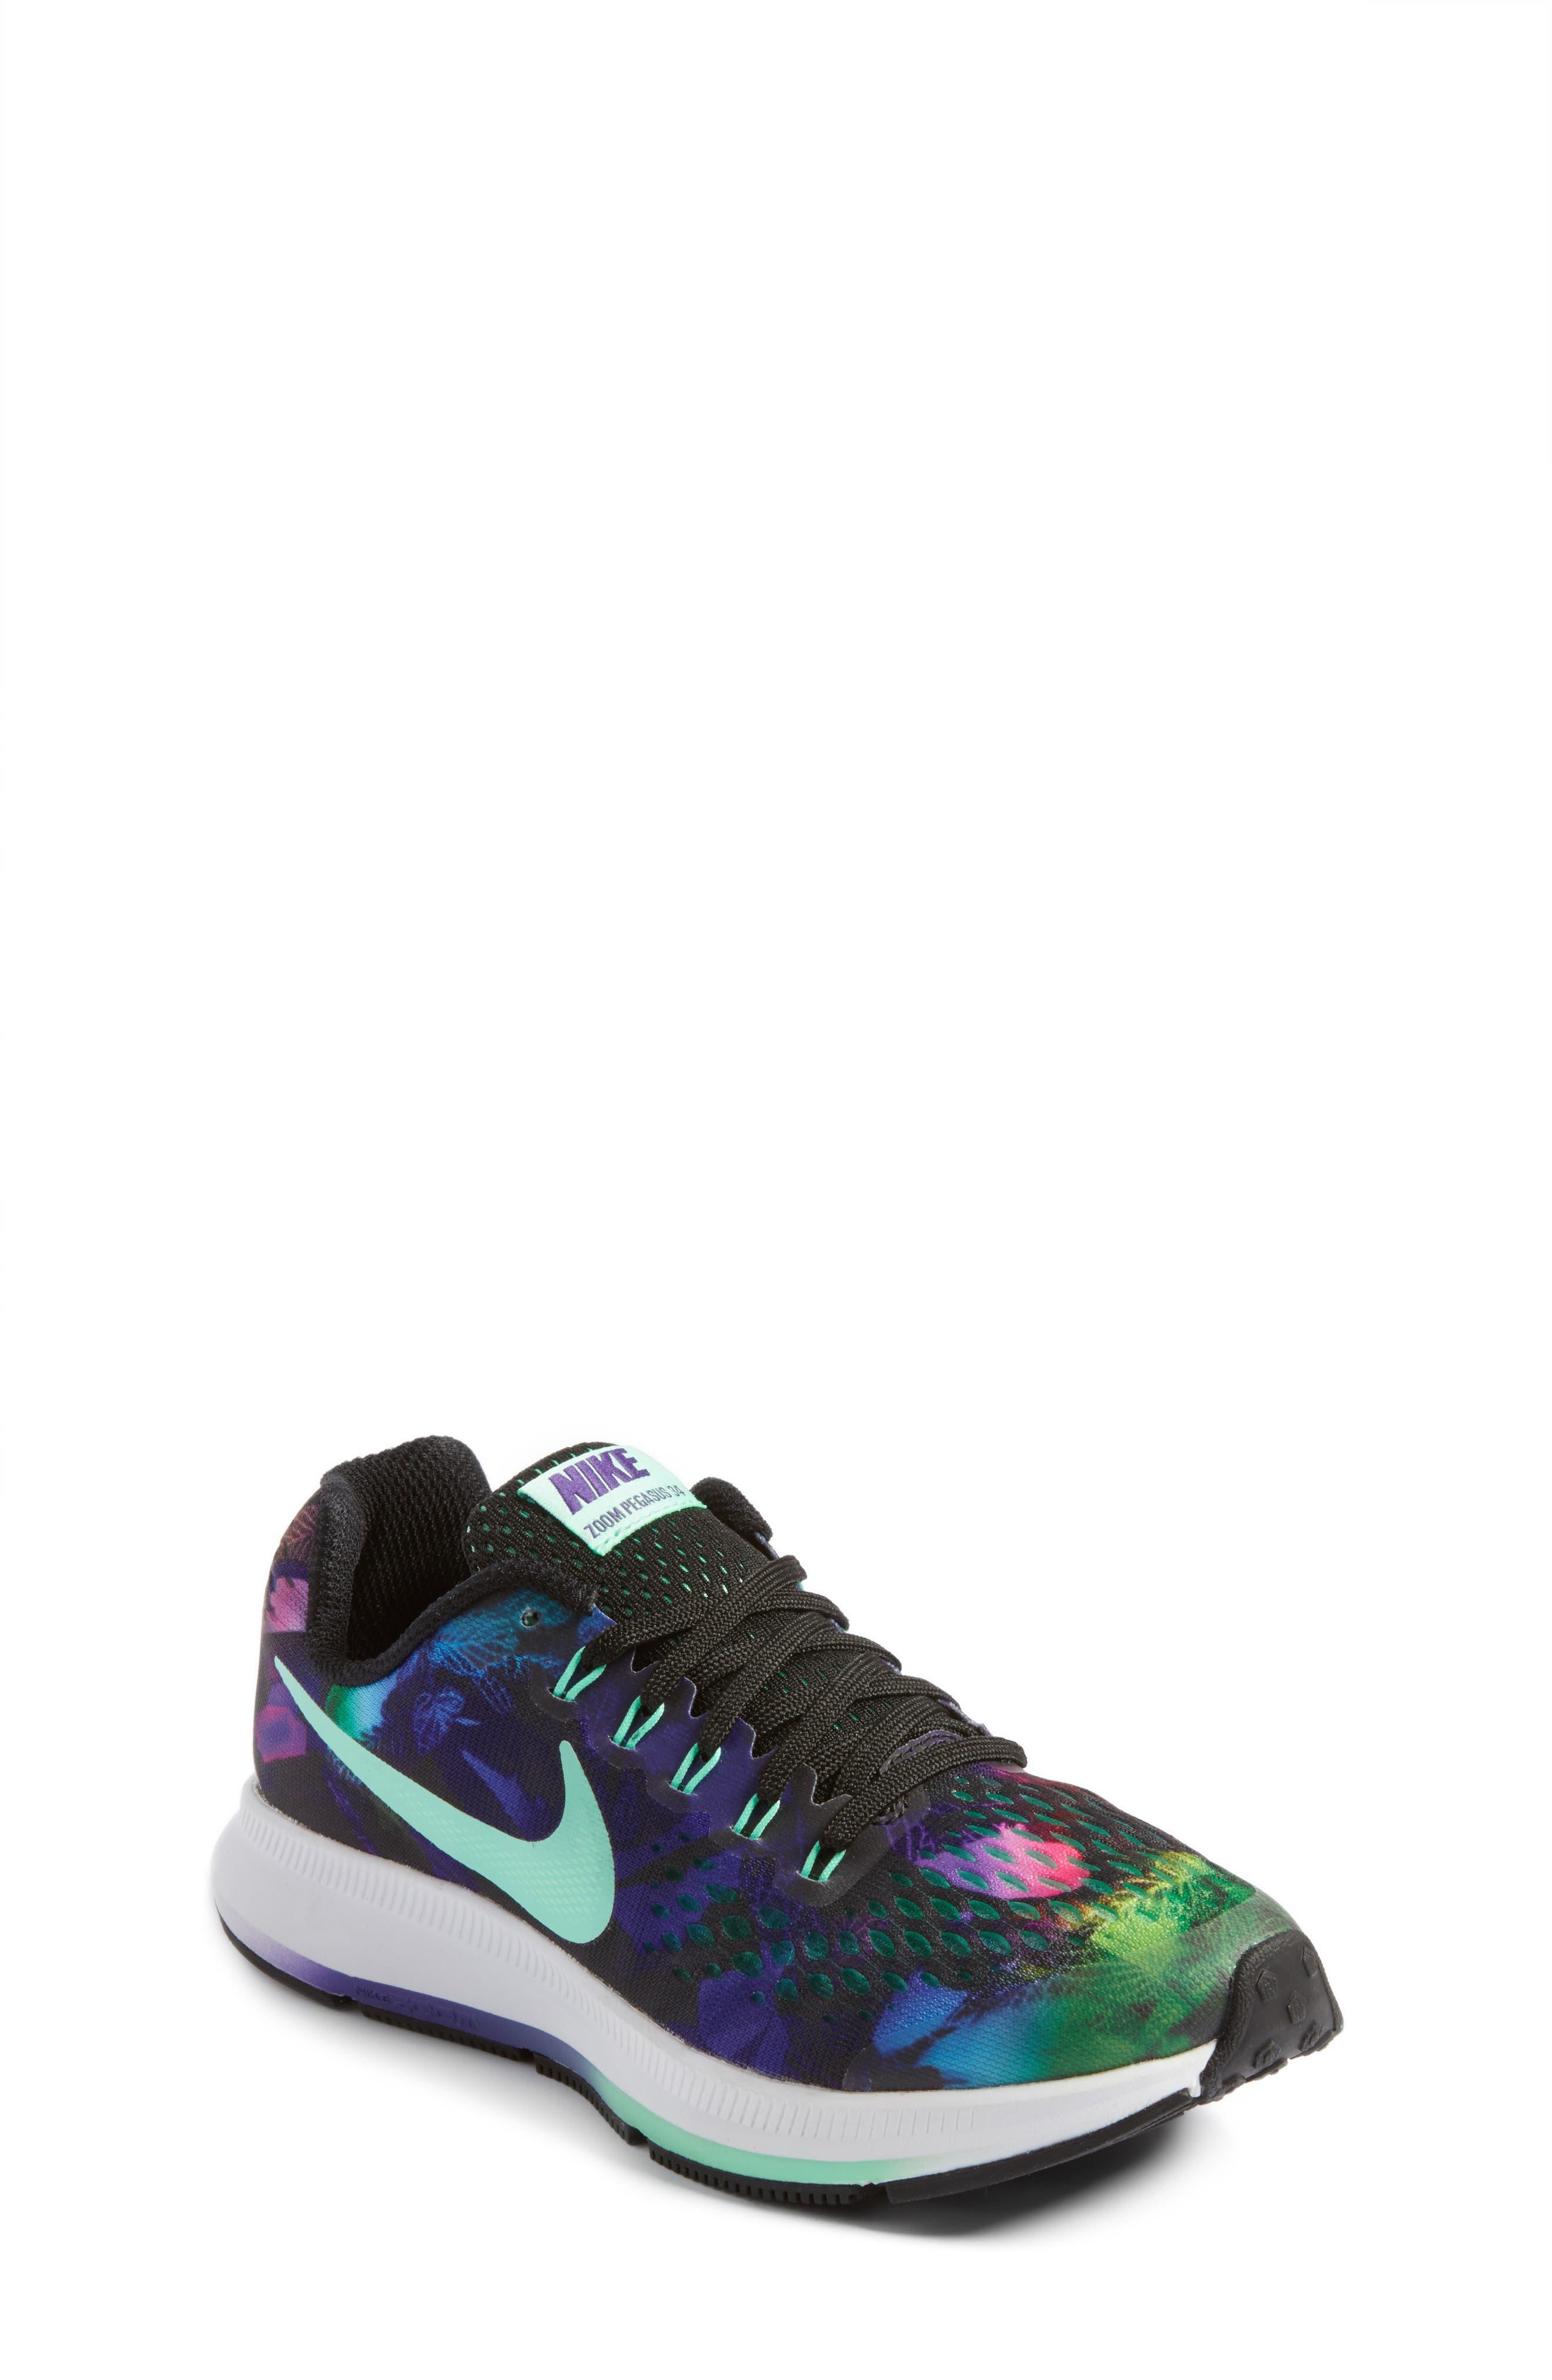 Alternate Image 1 Selected - Nike Zoom Pegasus 34 Print Sneaker (Little Kid & Big Kid)